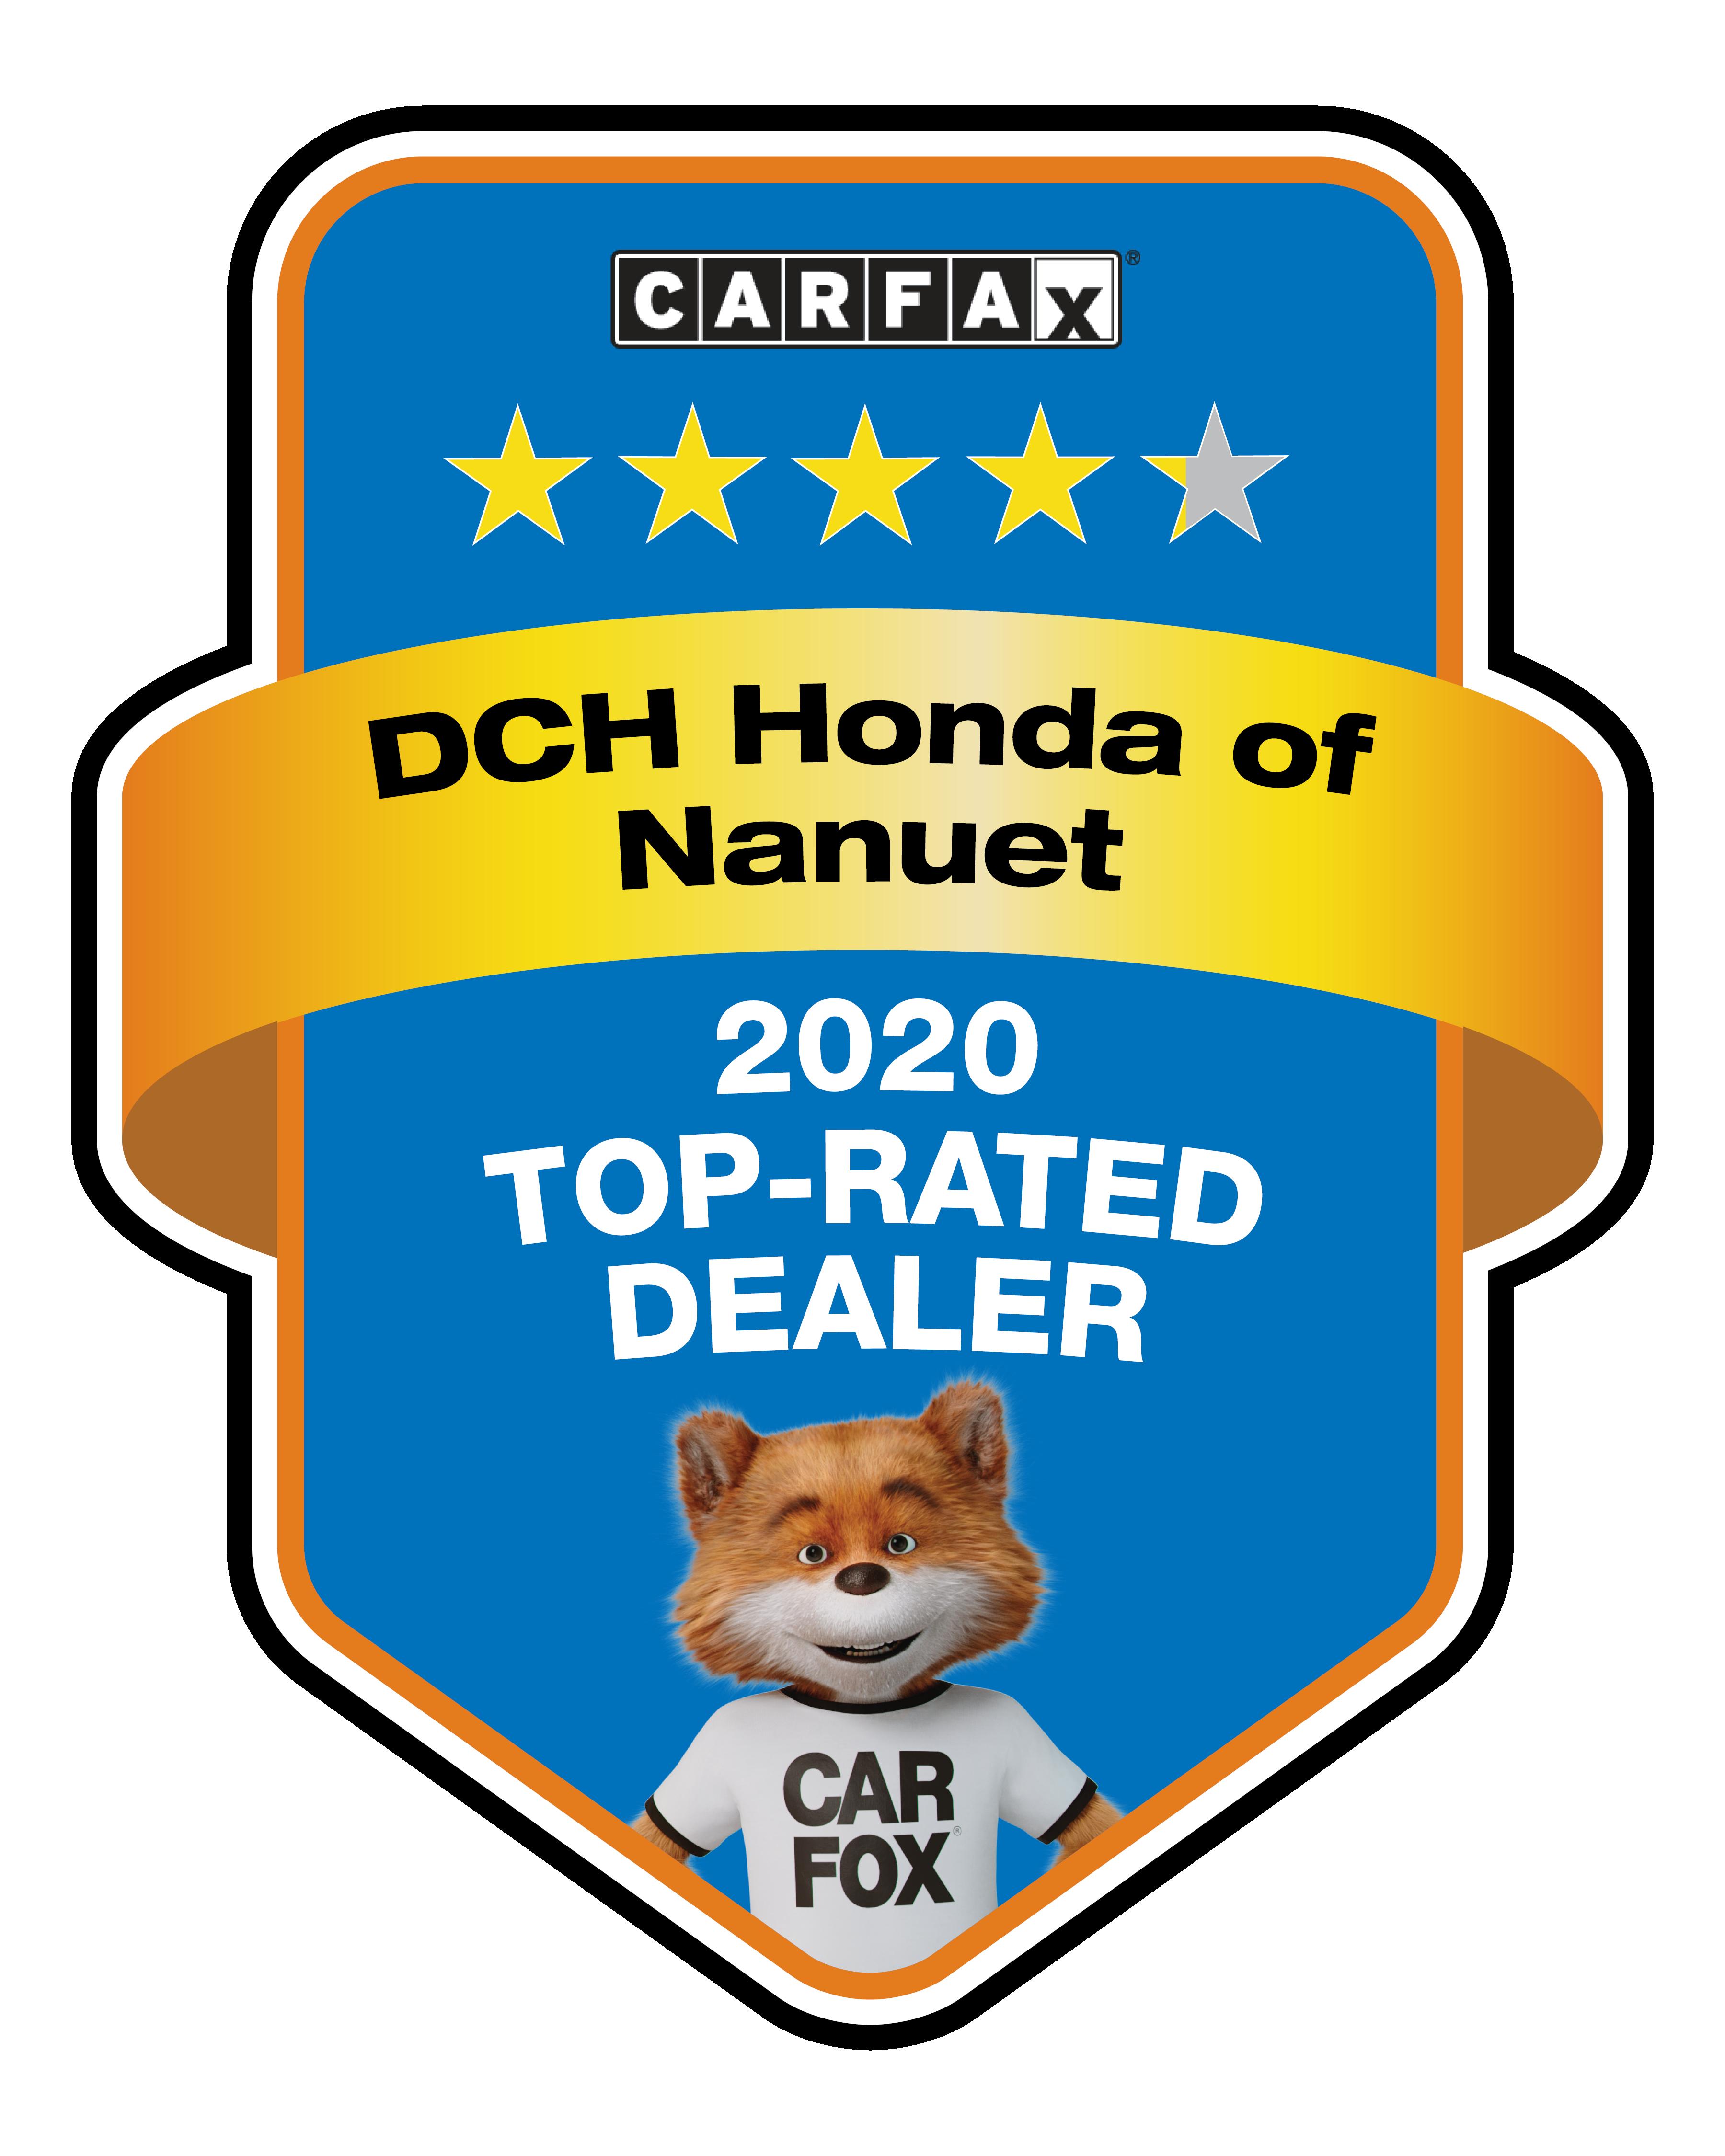 Carfax 2020